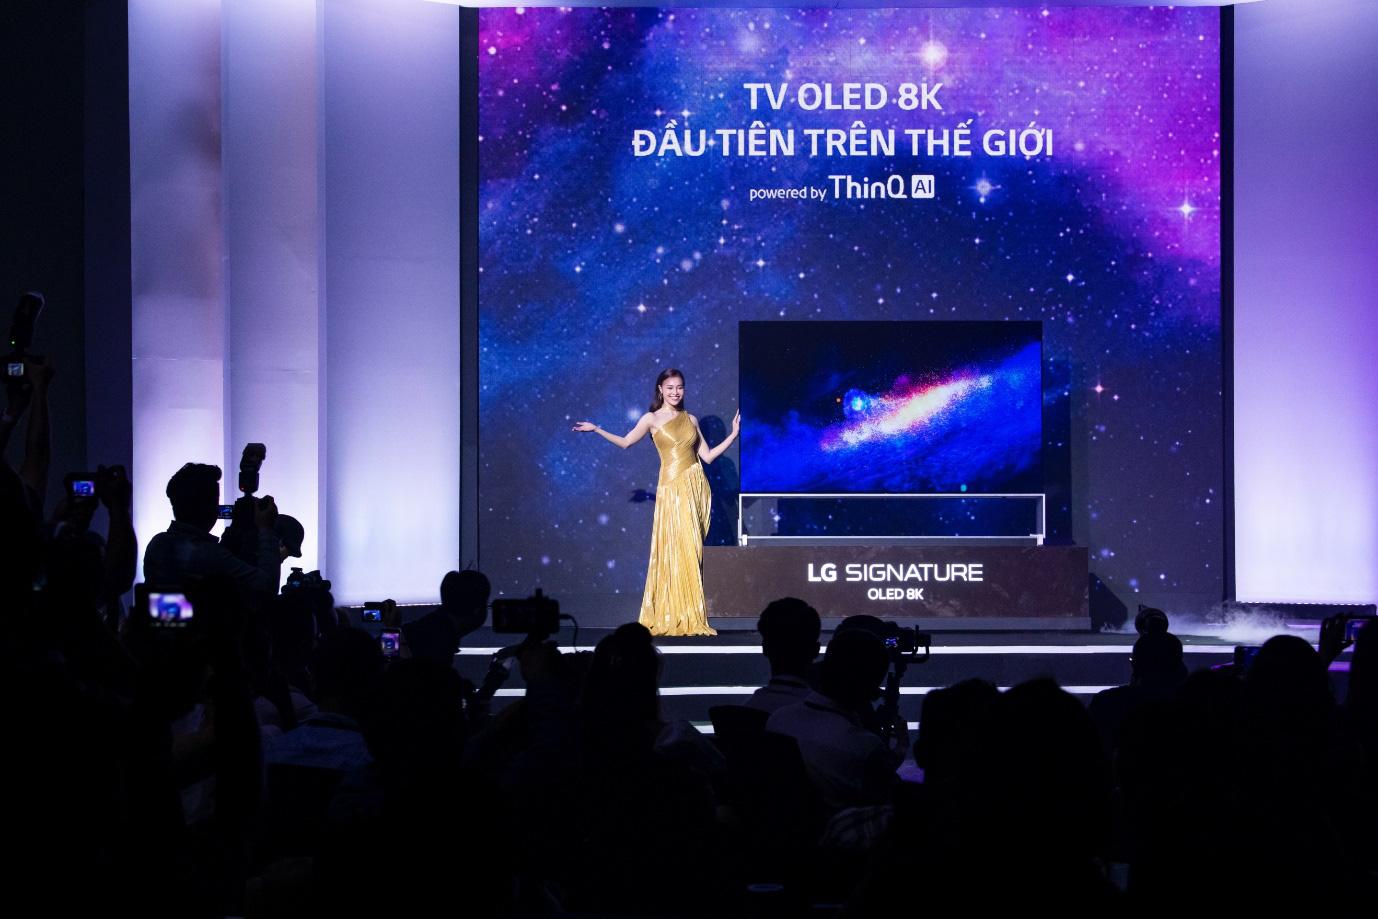 Binz, Touliver và Ninh Dương Lan Ngọc mở màn sự kiện ra mắt TV OLED 8K đầu tiên trên thế giới - Ảnh 1.